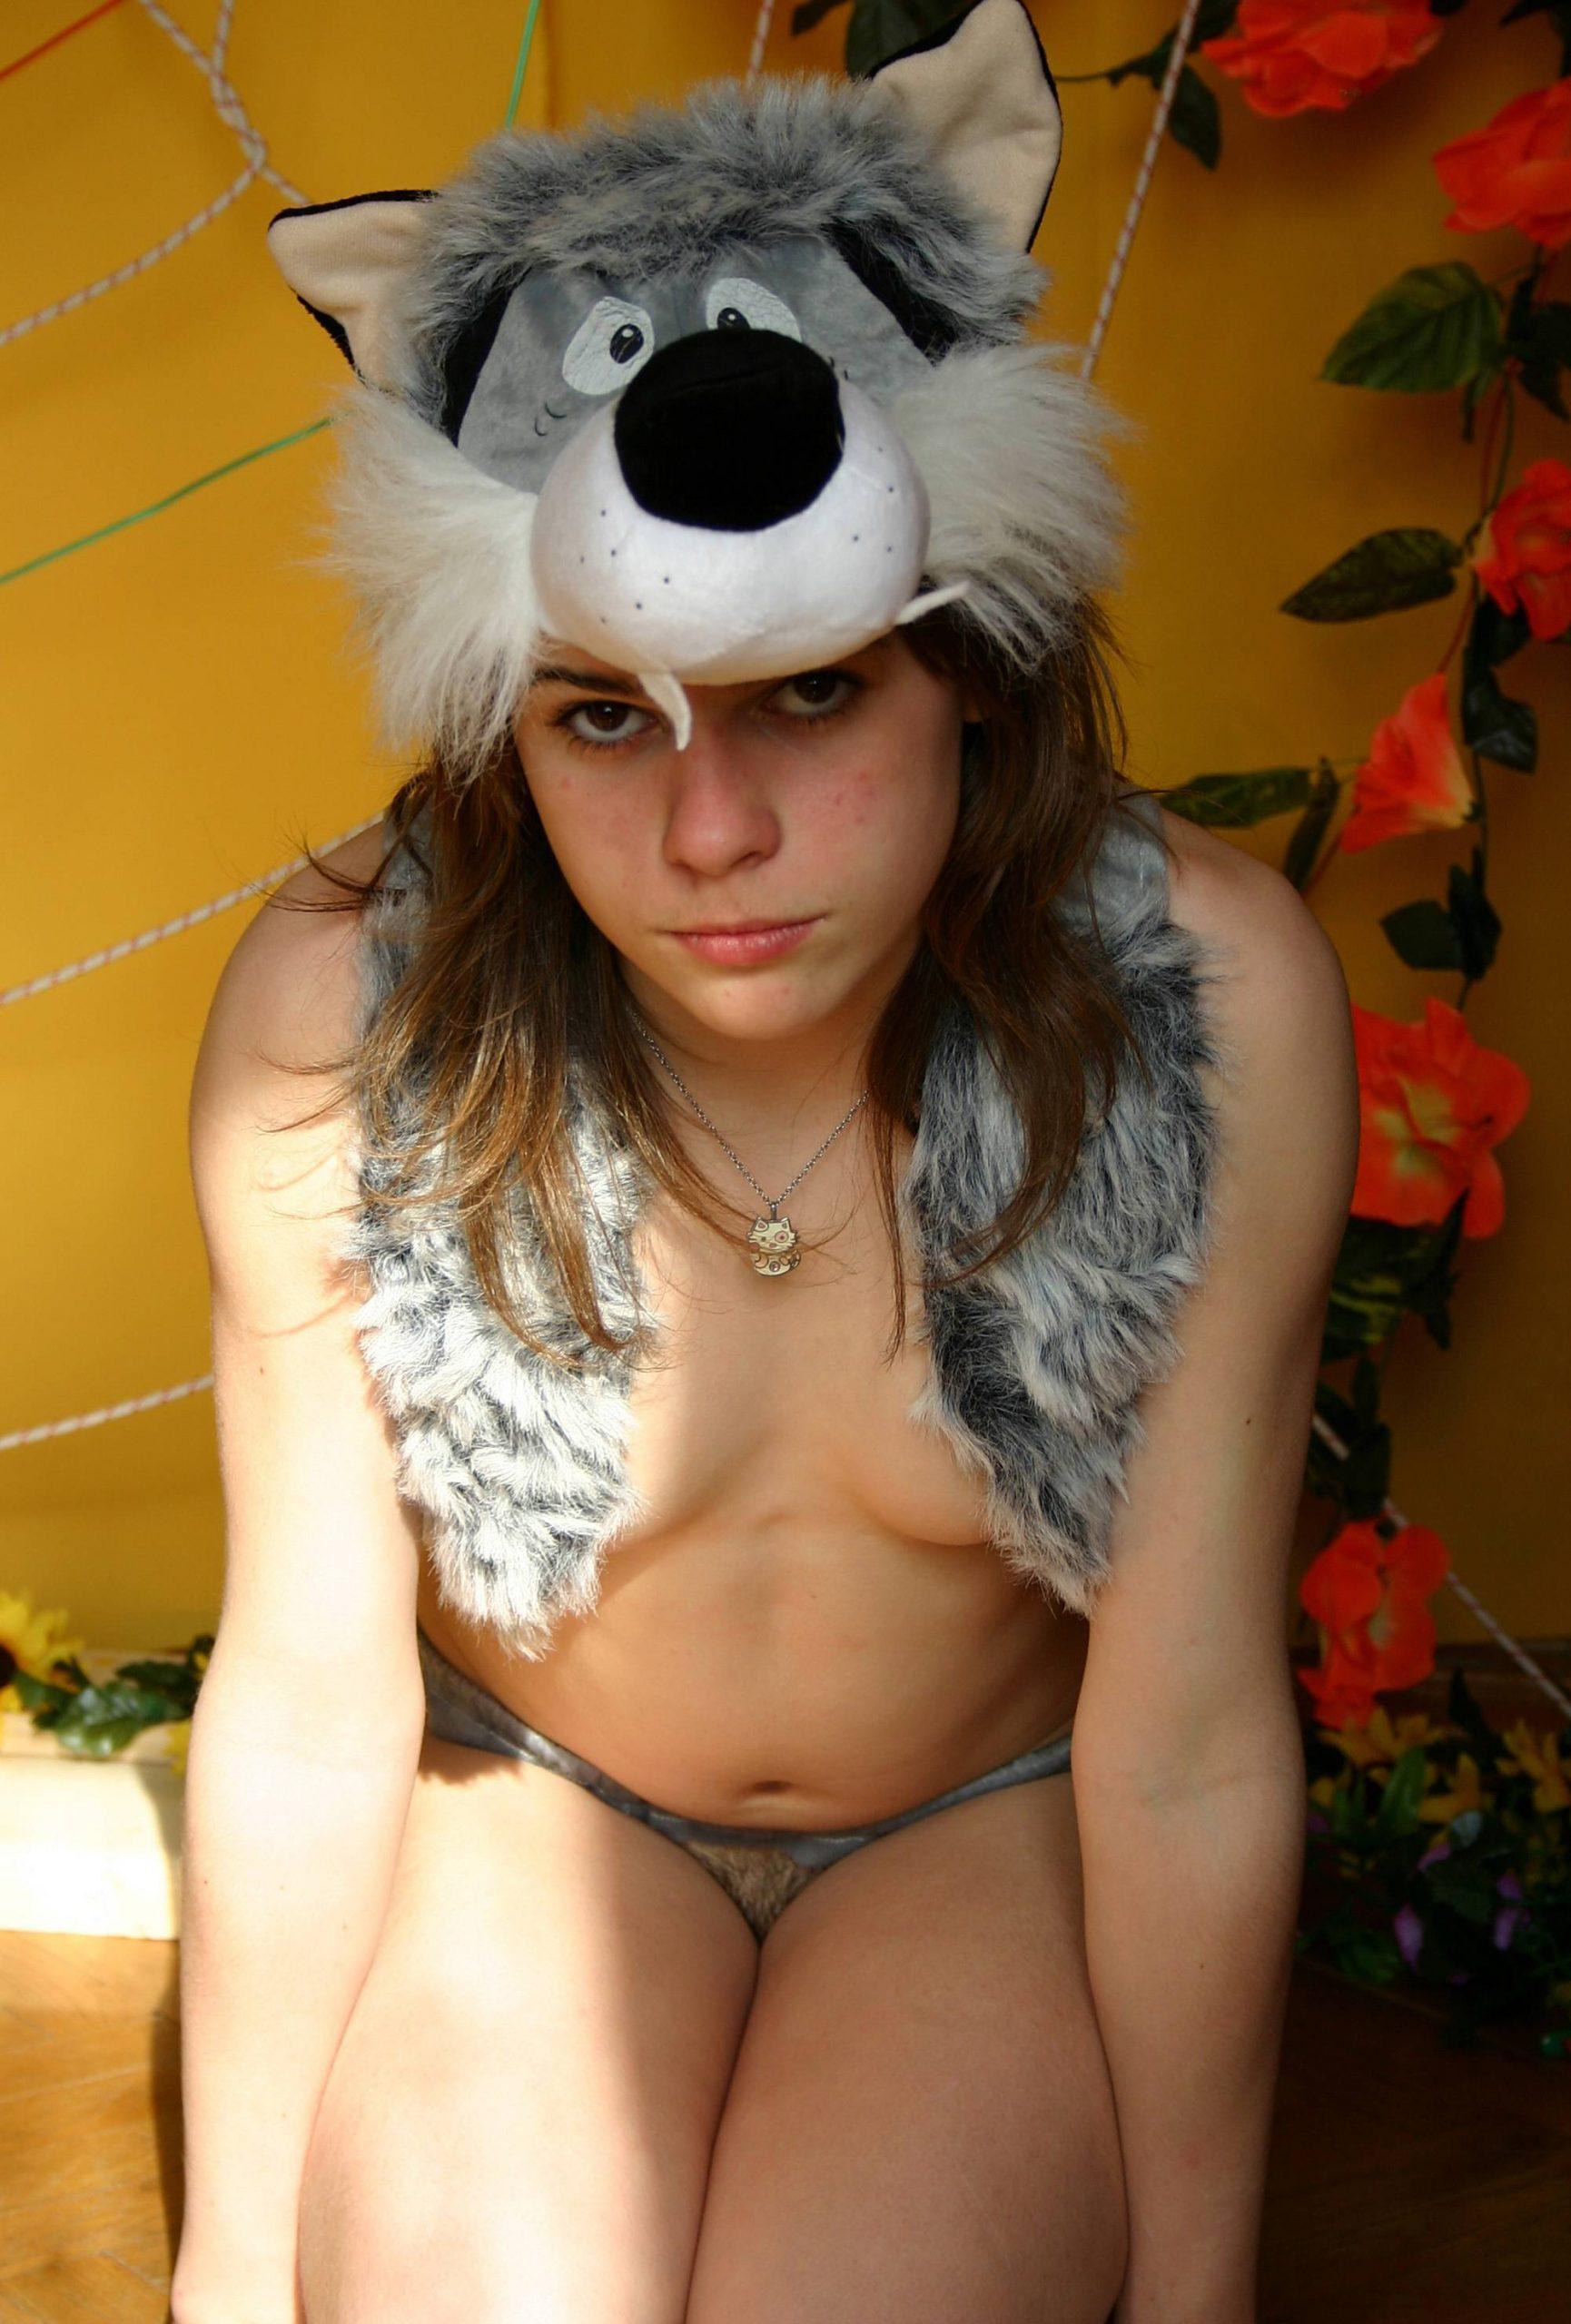 Nudist and Woolf Costume - 4